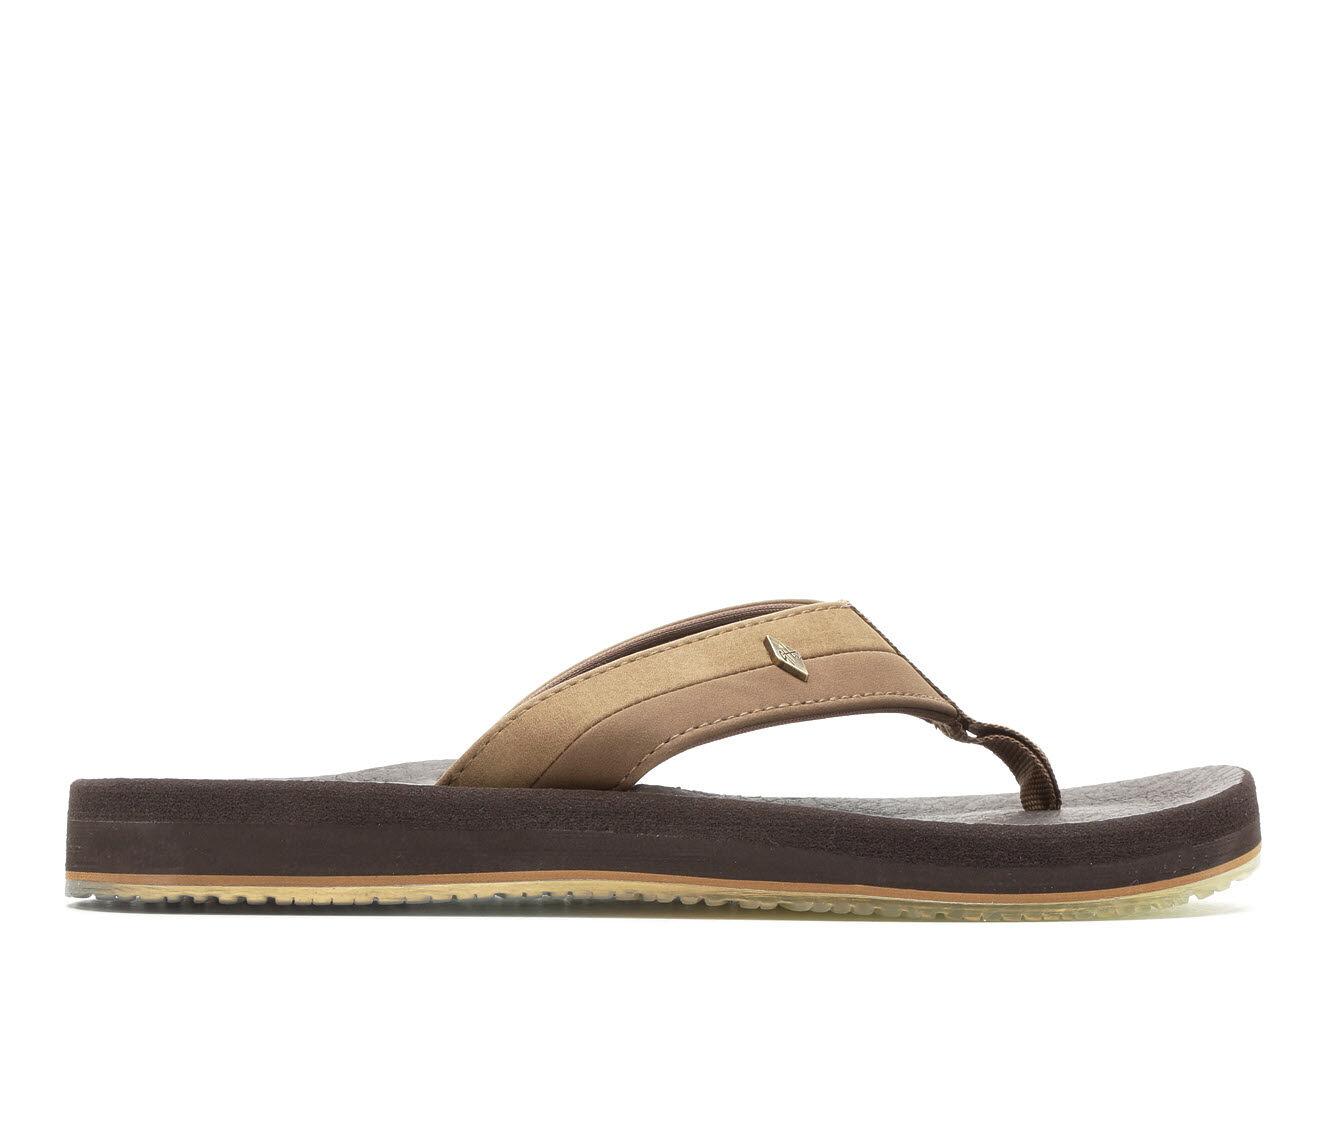 get cheap new style Women's Guy Harvey Castaway Marlin Sunset Sandals Light Brown